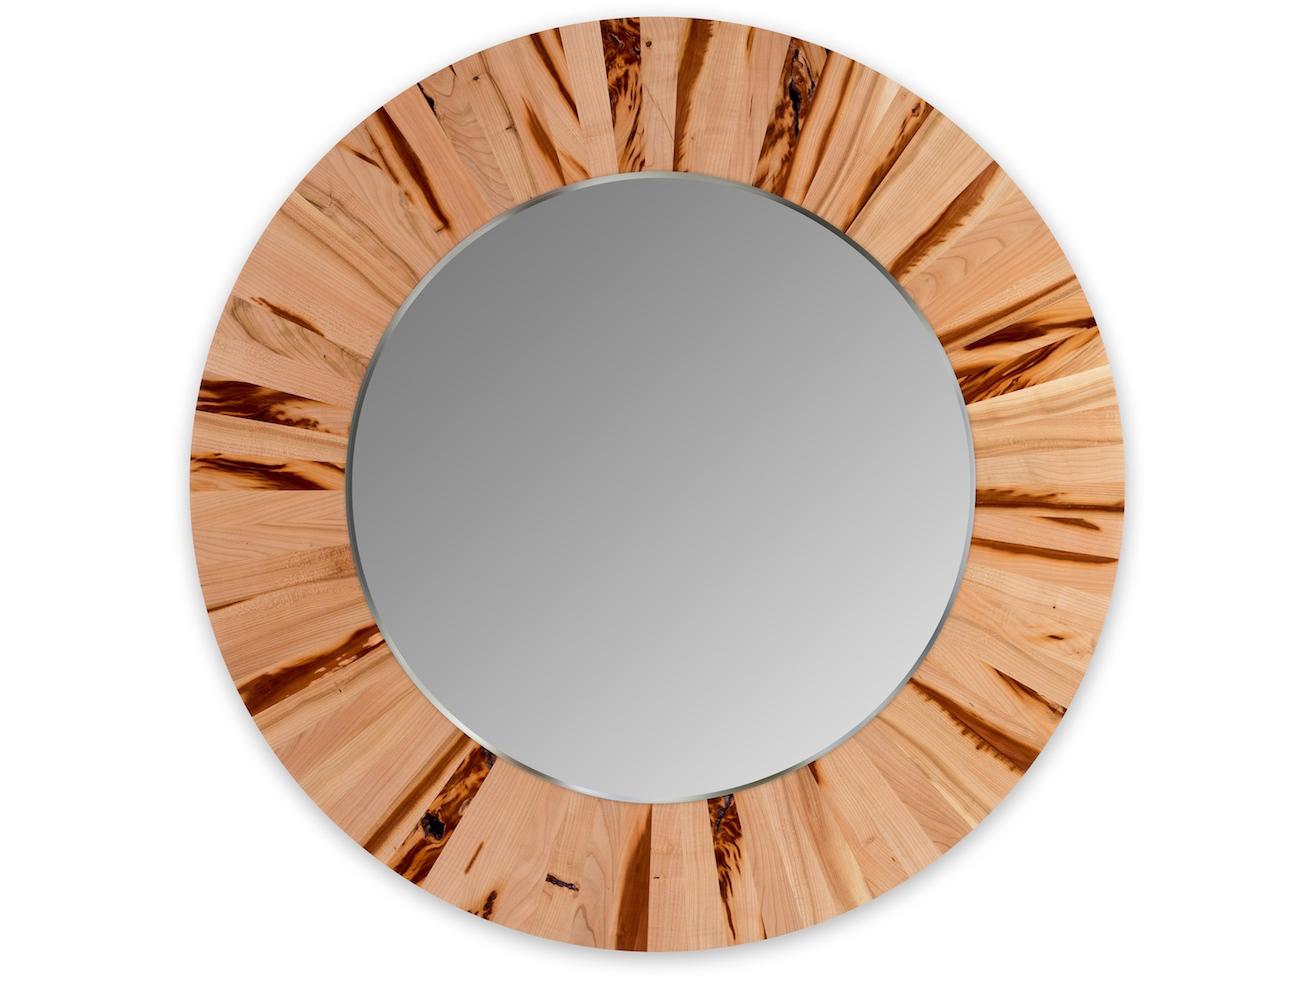 Круглое зеркало LESНастенные зеркала<br>Настенное, круглое зеркало LES не только украсит ваш интерьер, но и привнесёт в него частичку природы. Каждая оправа изготовлена вручную из 72 сегментов массива абрикоса. Неповторимый рисунок древесины и расположение сегментов, делает каждое зеркало уникальным и единственным в своём роде. Полотно зеркала имеет толщину 4мм и выполнено с фацетом. Оправа имеет естественный цвет абрикоса и обрабатывается натуральным, экологически-чистым маслом, что не вредит вашему здоровью и защищает оправу от внешних воздействий.<br>Сдержанность и лаконичность дизайна легко позволит вписать зеркало LES в любой интерьер.<br><br>Material: Дерево<br>Глубина см: 4